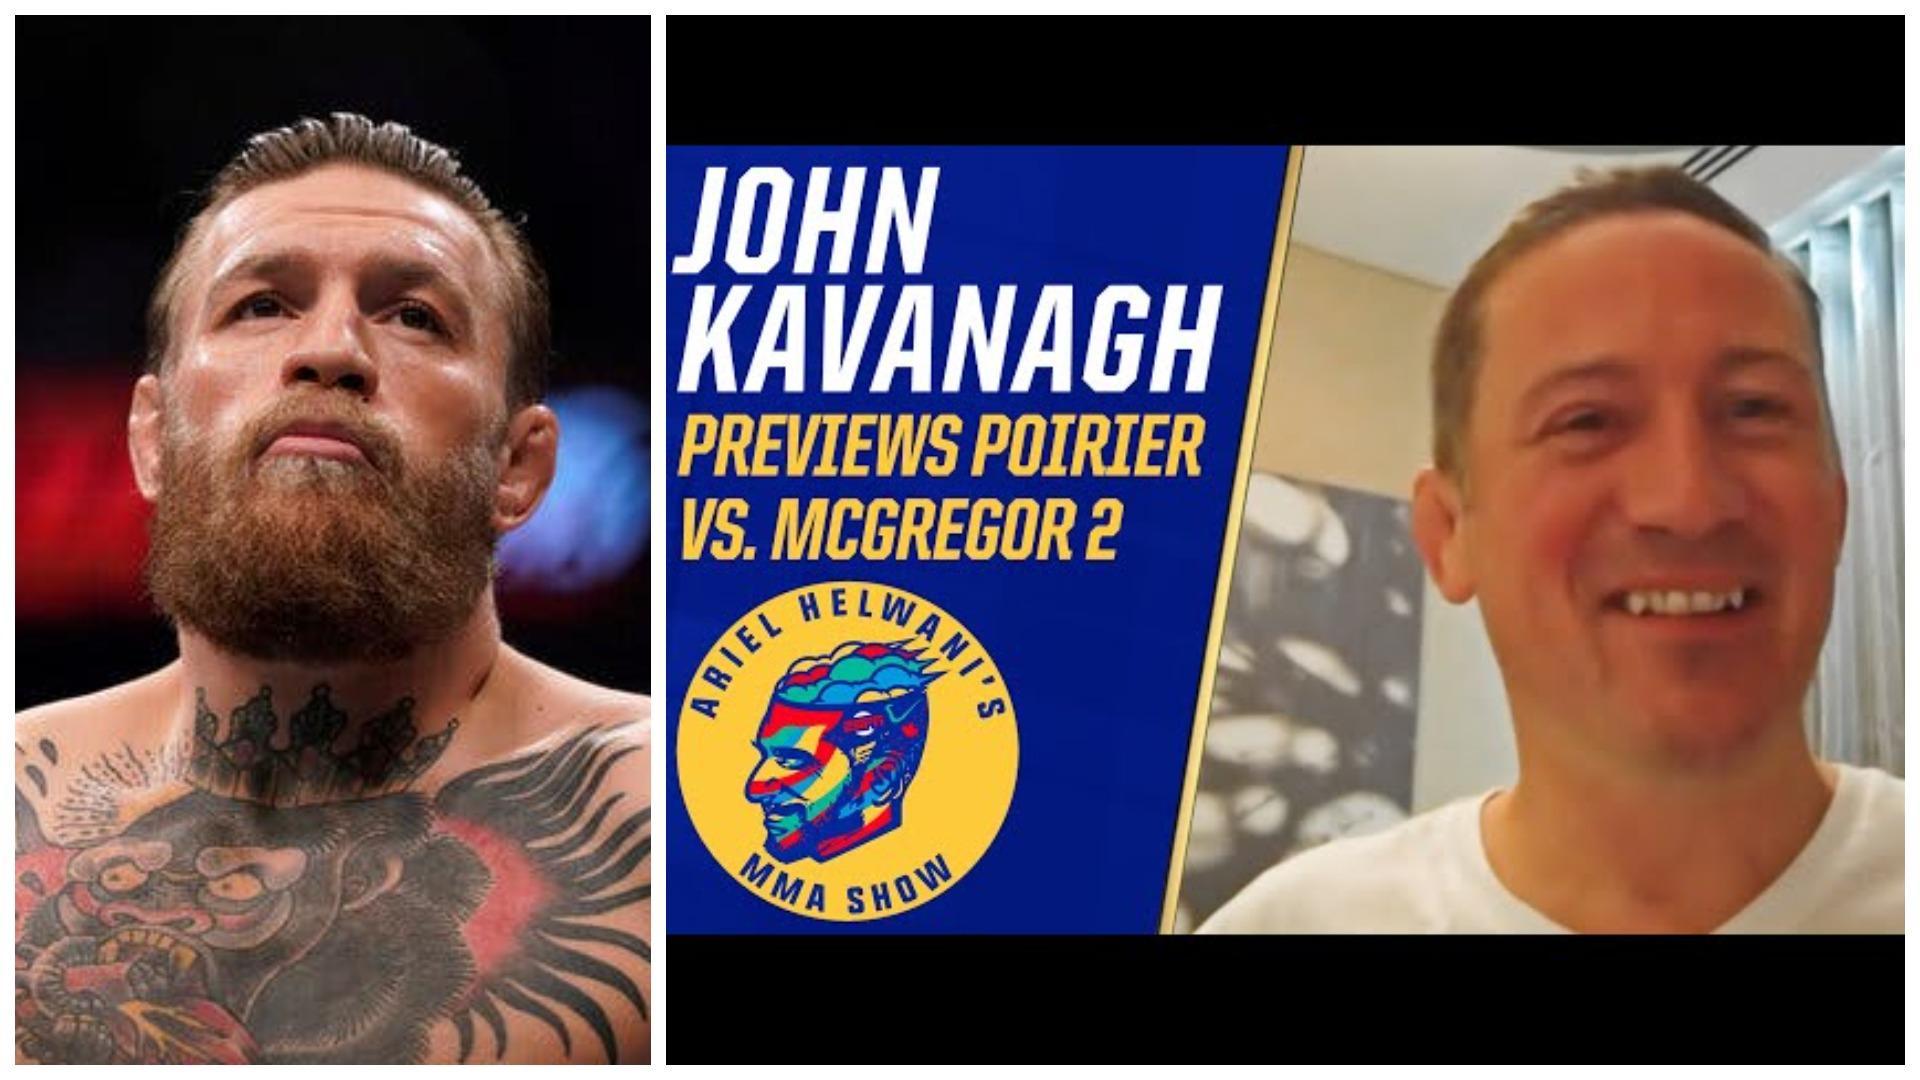 """VIDEO/ """"Bën stërvitje ortodokse"""", trajneri i McGregor flet më shumë seç duhet"""